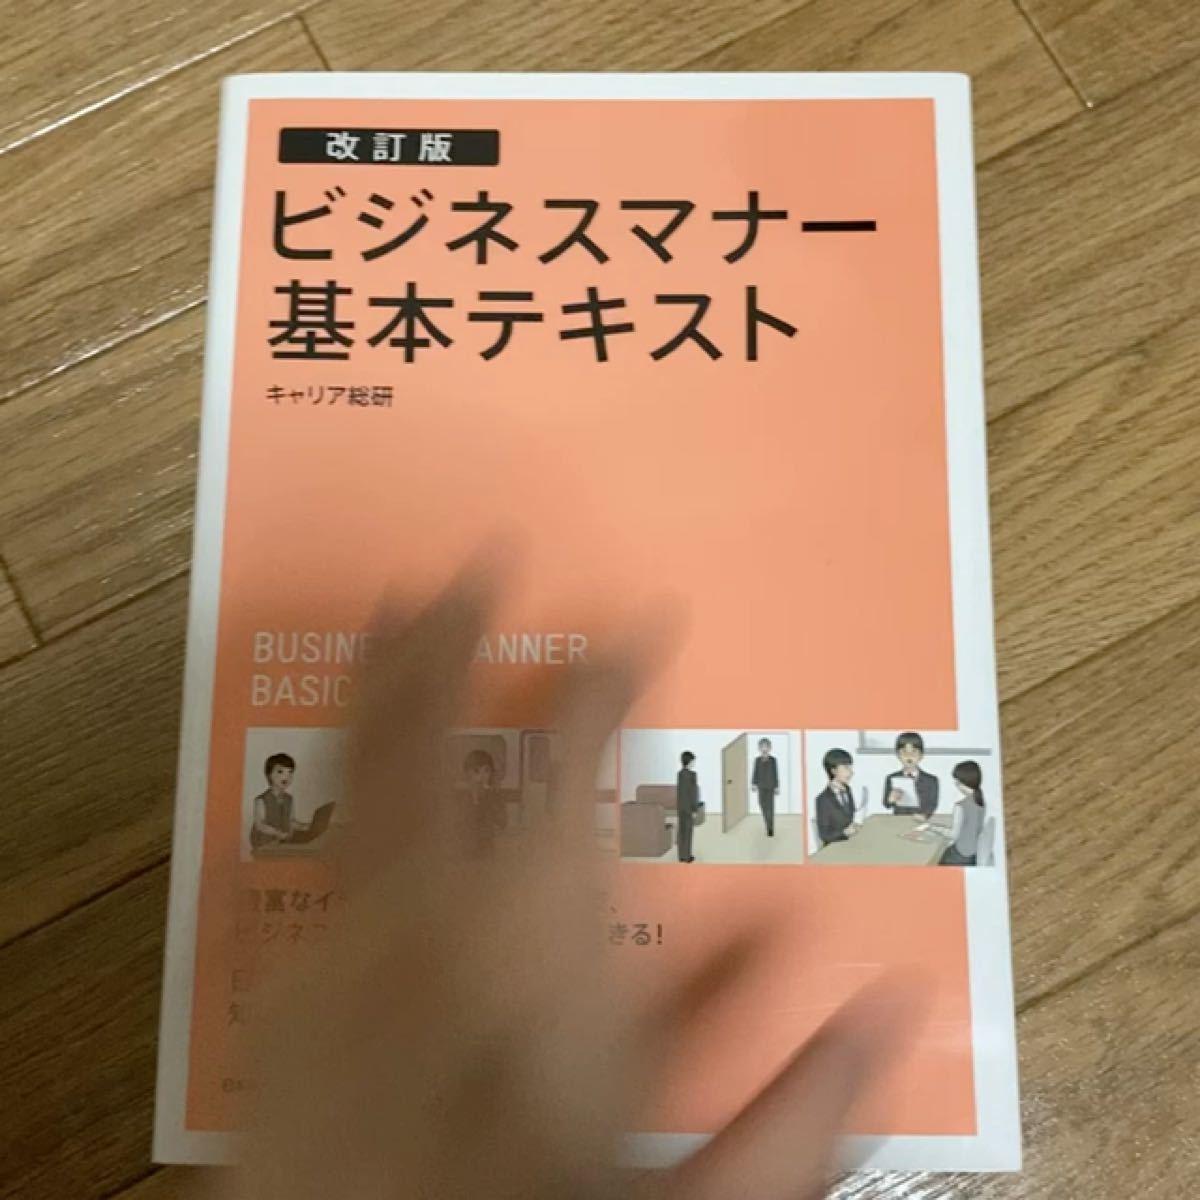 ビジネスマナー基本テキスト/キャリア総研